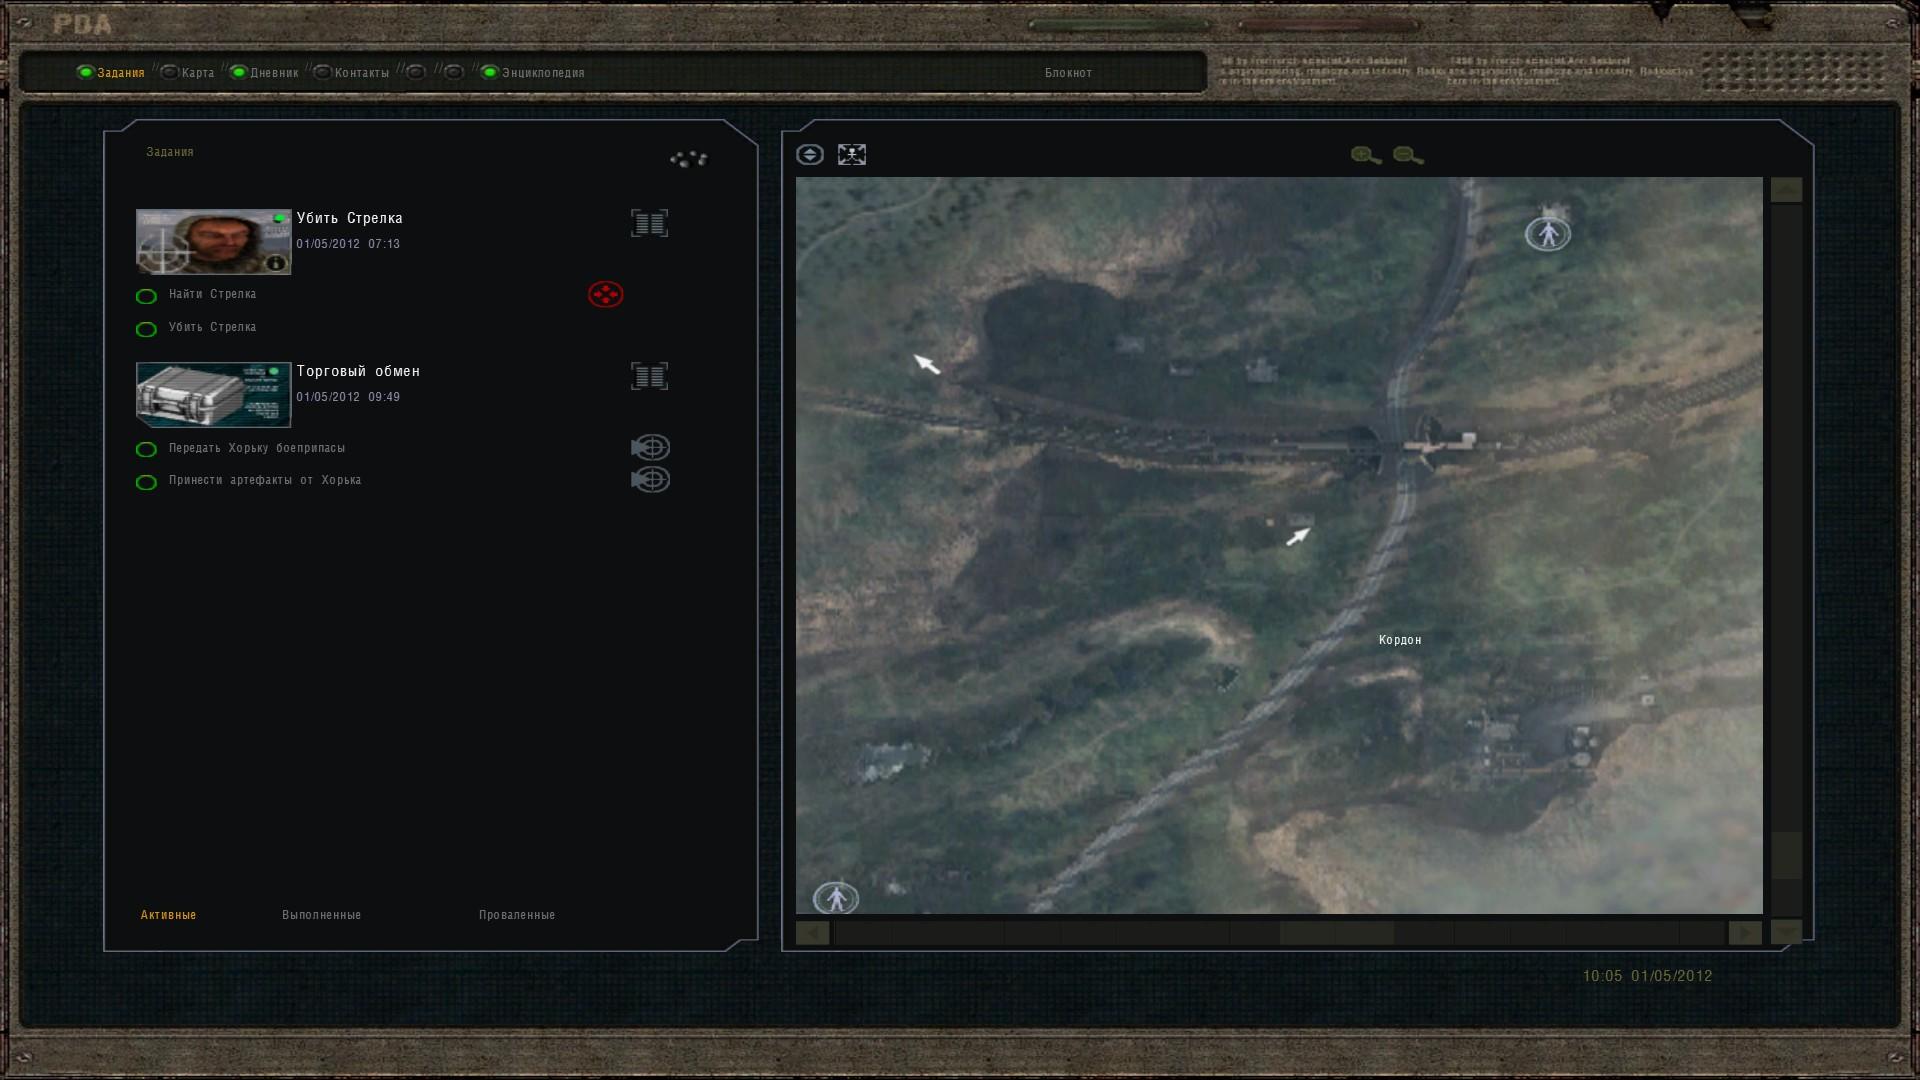 Oblivion Lost Remake 2.5 image 25